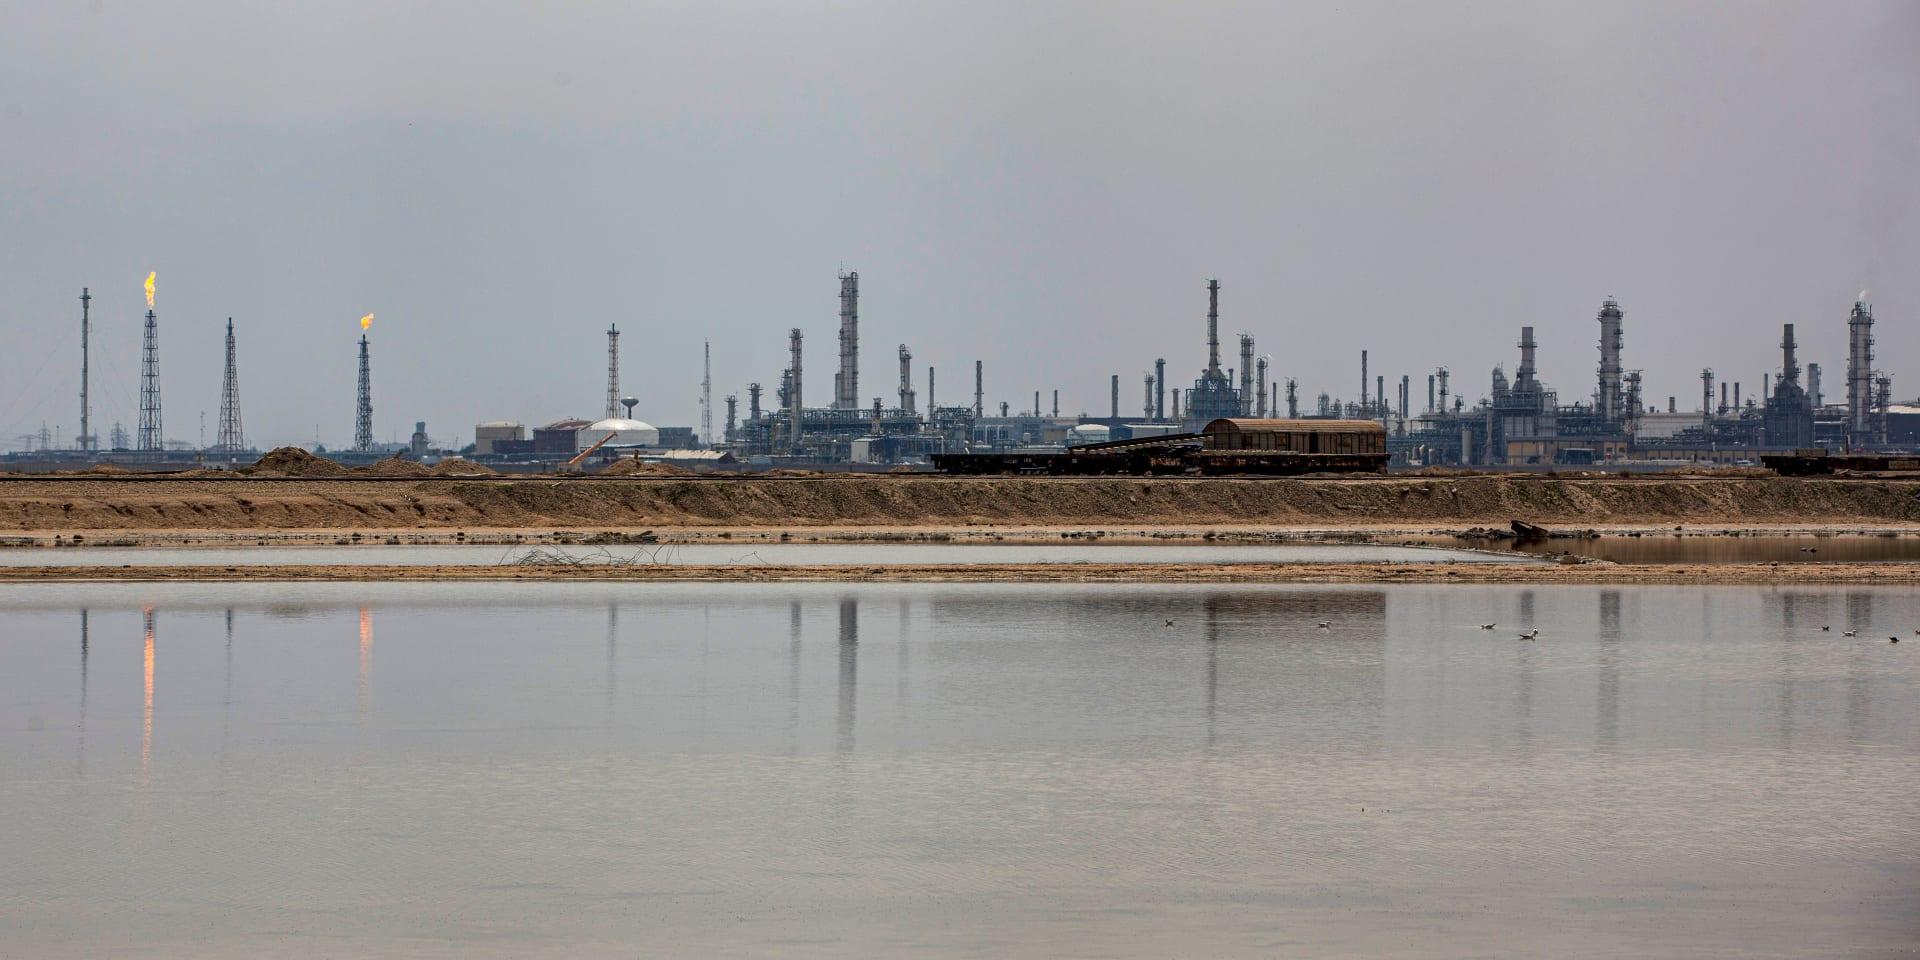 """العراق يحذر من """"حرب أسعار"""" و""""اختلالات خطيرة"""" في سوق النفط"""